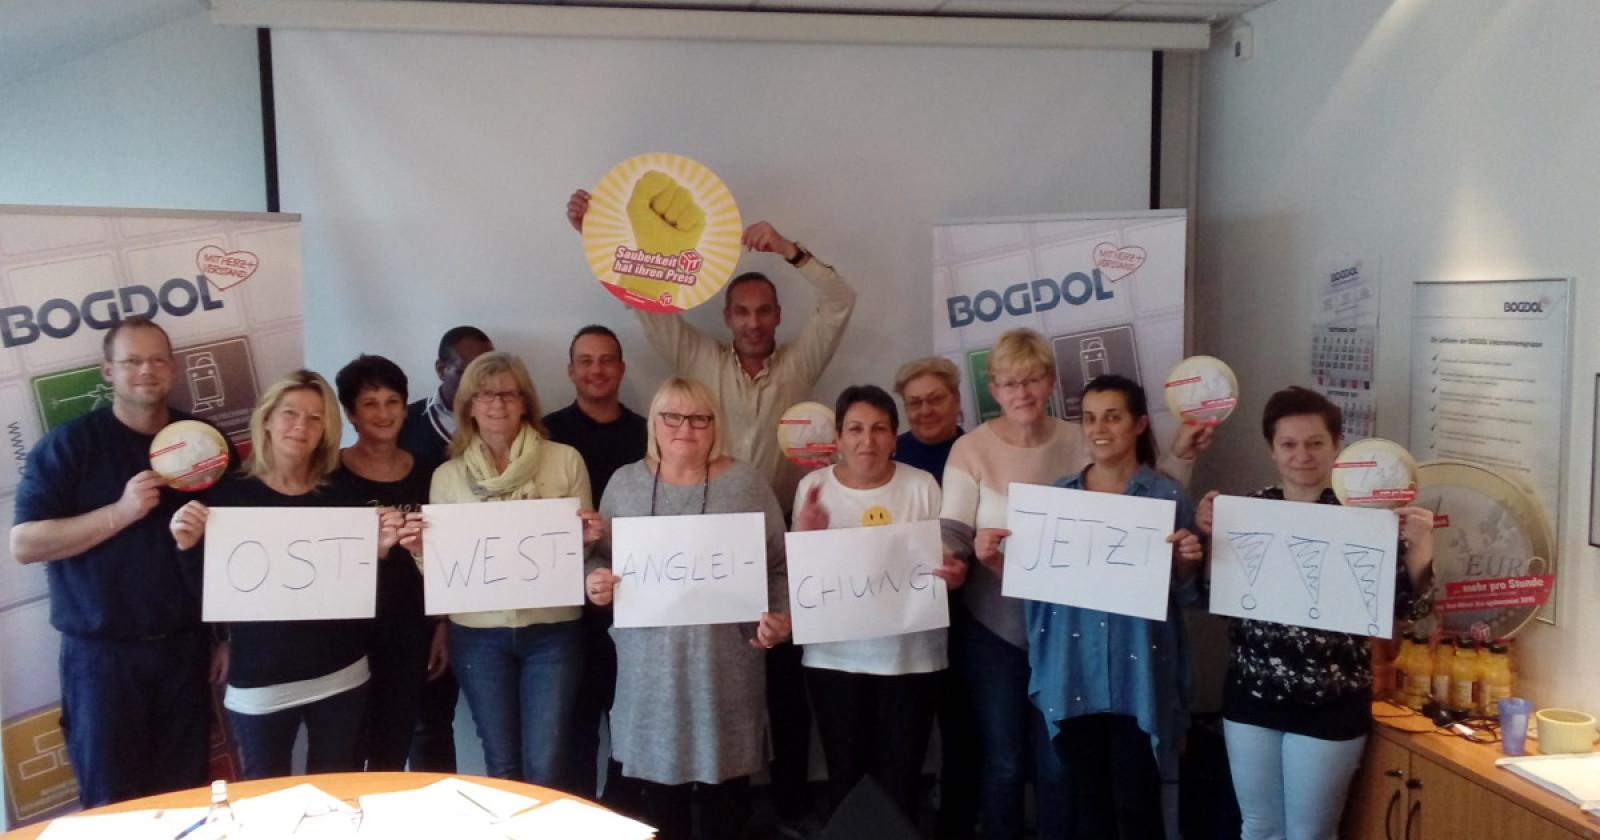 Beschäftigten der Firma Bogdol und Region Nord setzen klare Signale für die 6. Verhandlungsrunde